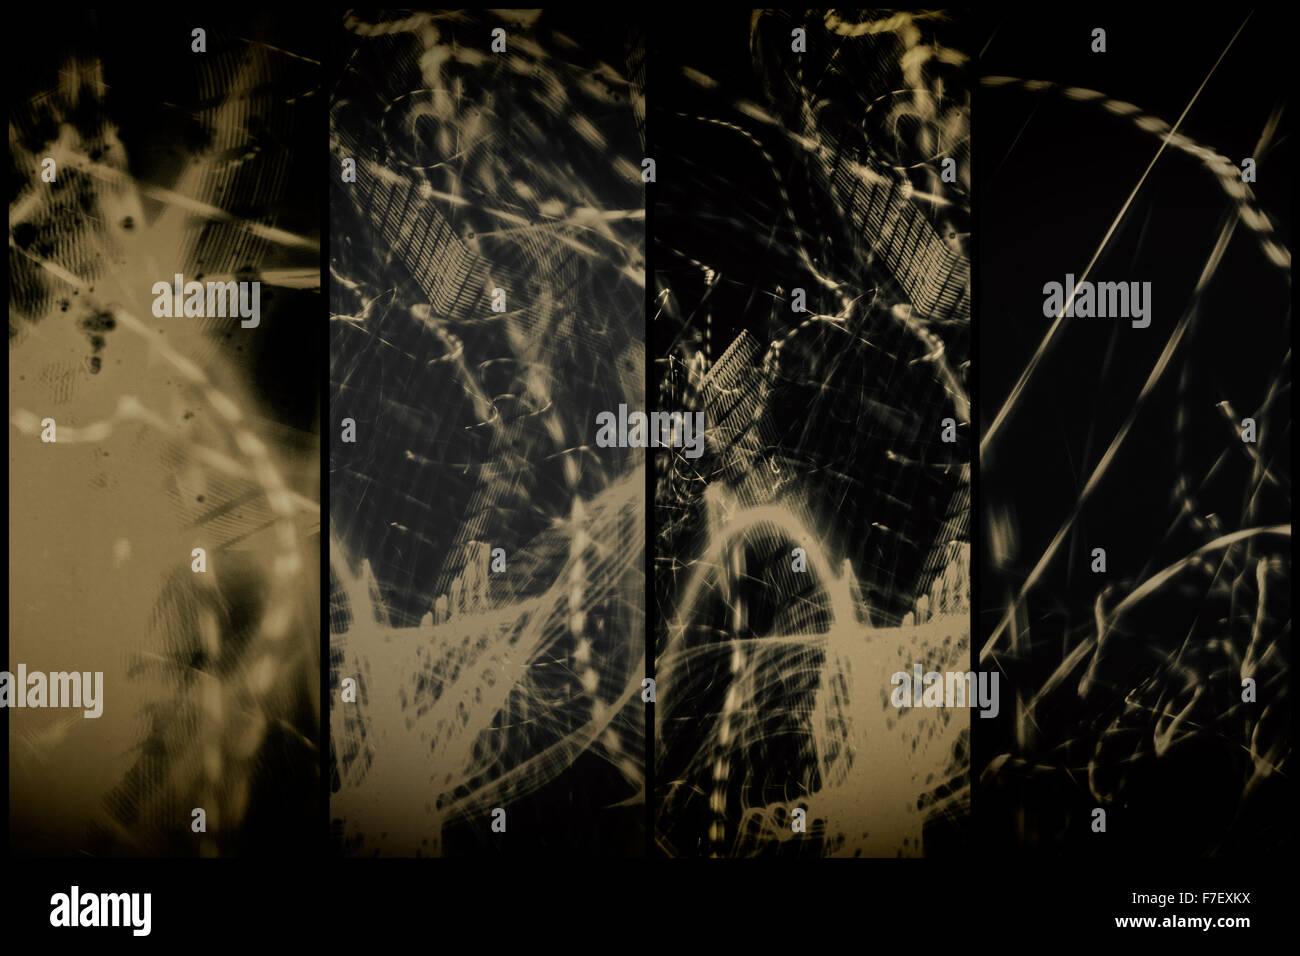 Il nero e il bianco con il nero di seppia tonificante rende questa parete Lightpainting distintiva arte da altri Immagini Stock